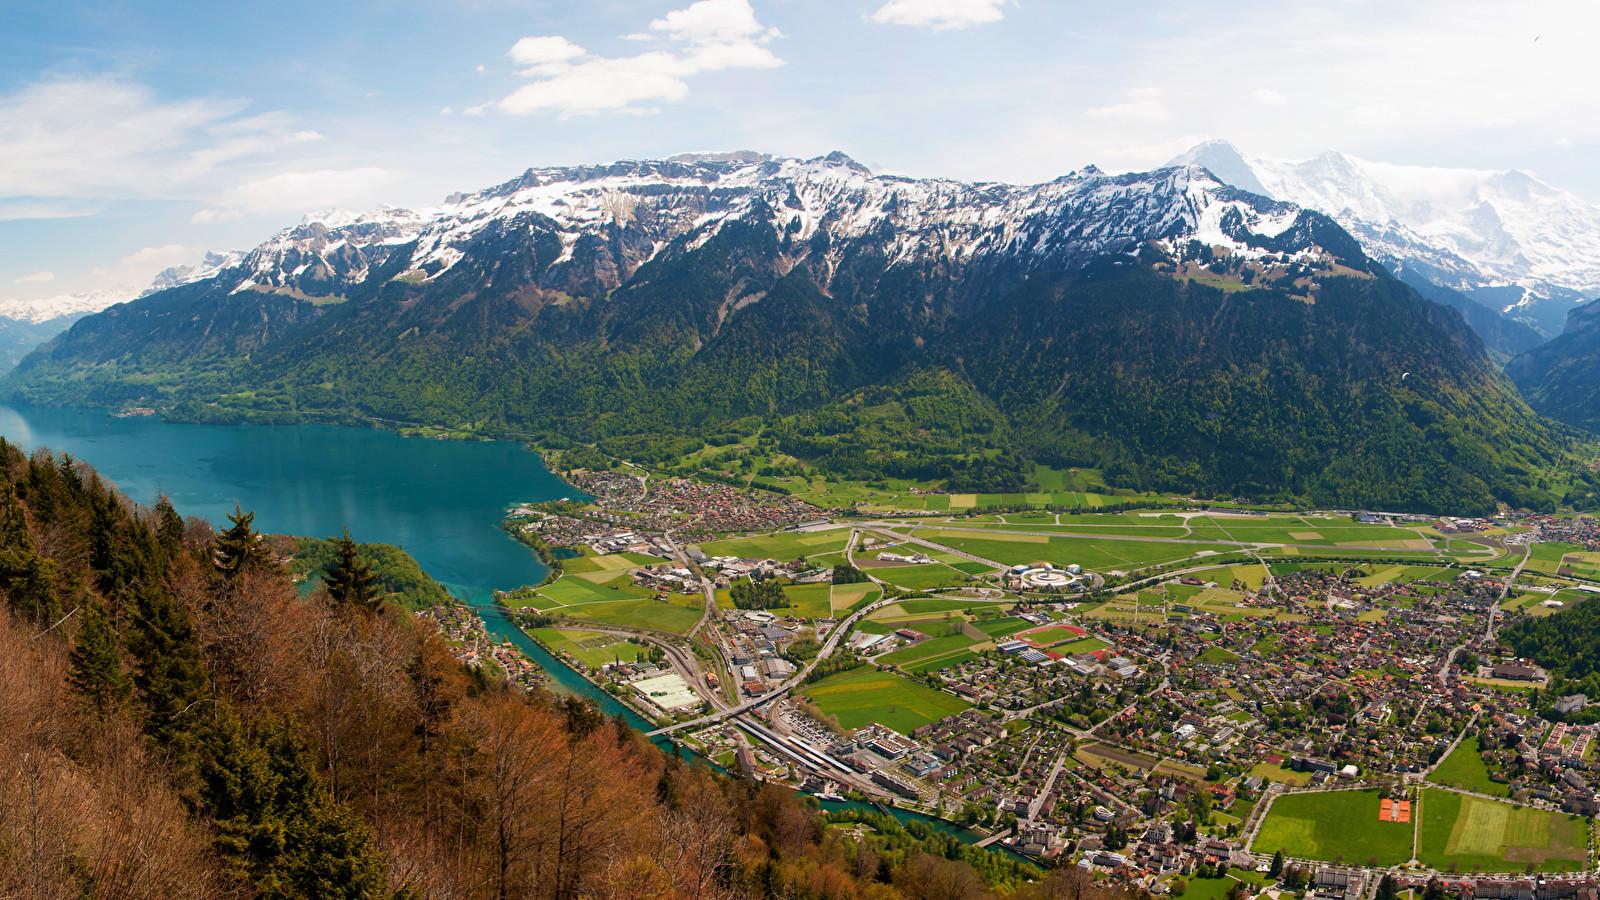 Interlaken   Switzerland   [3440x1440]   [OC] wallpapers 1600x900